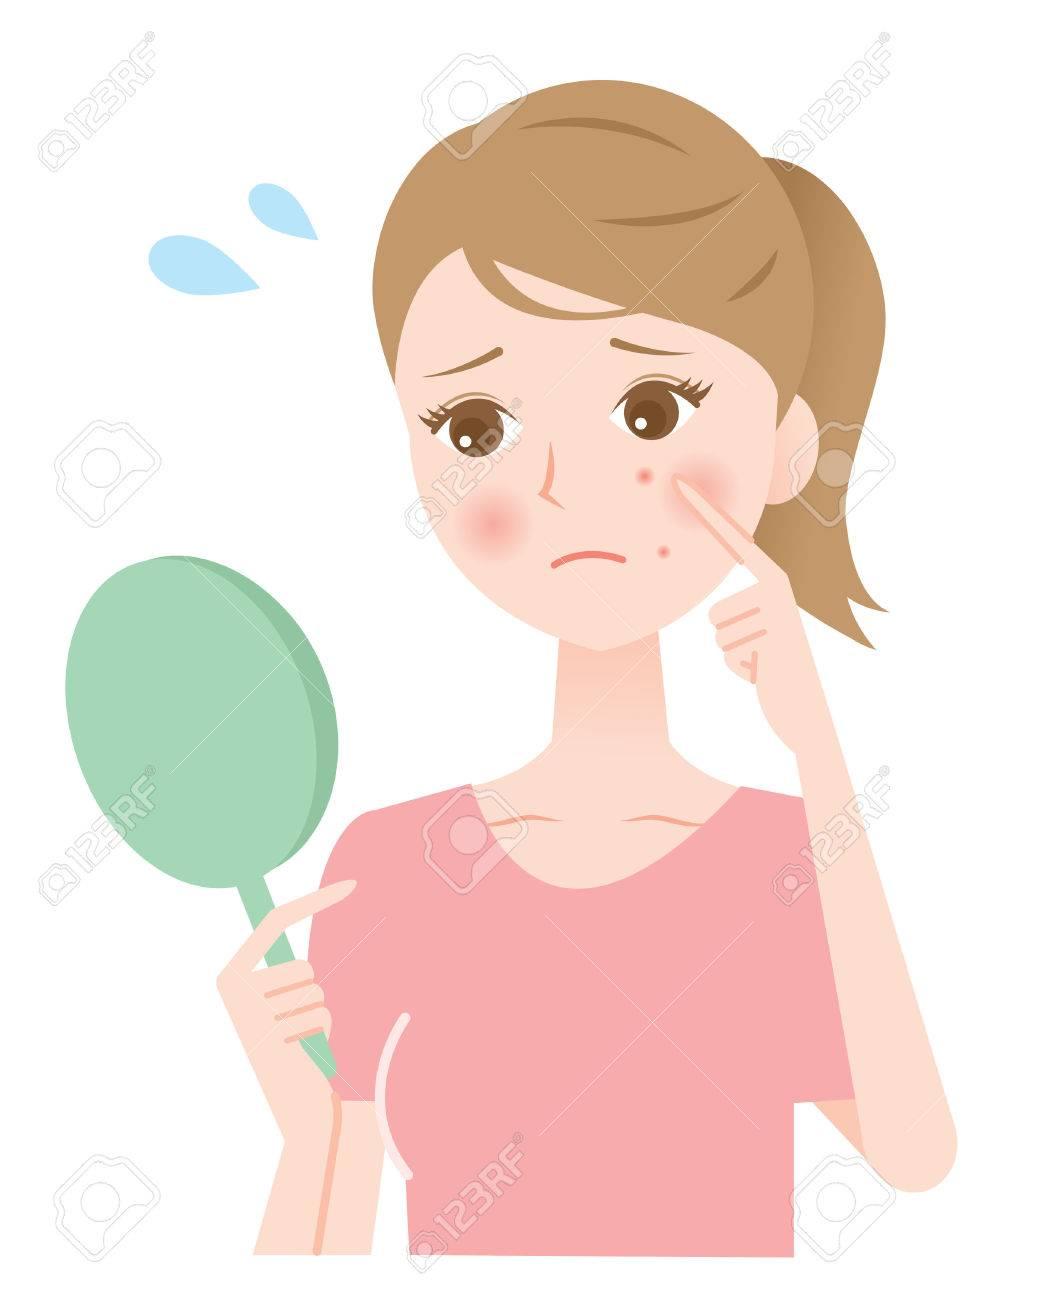 acne woman - 60897067